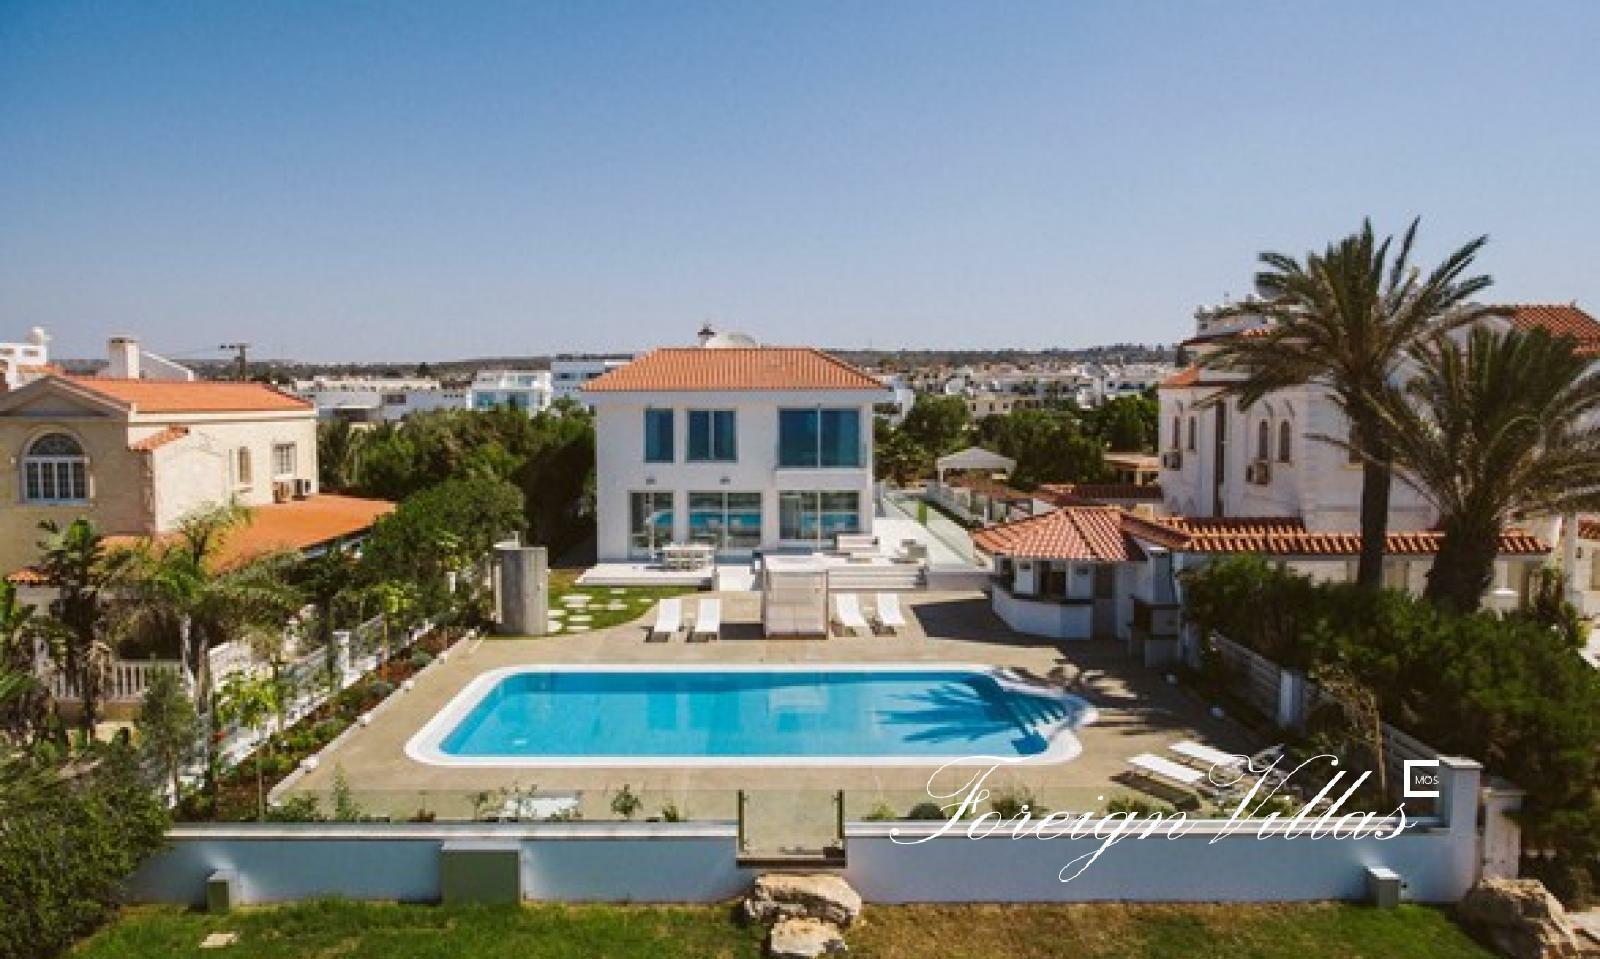 Снять виллу в айя напе недвижимость вид на жительство в черногории